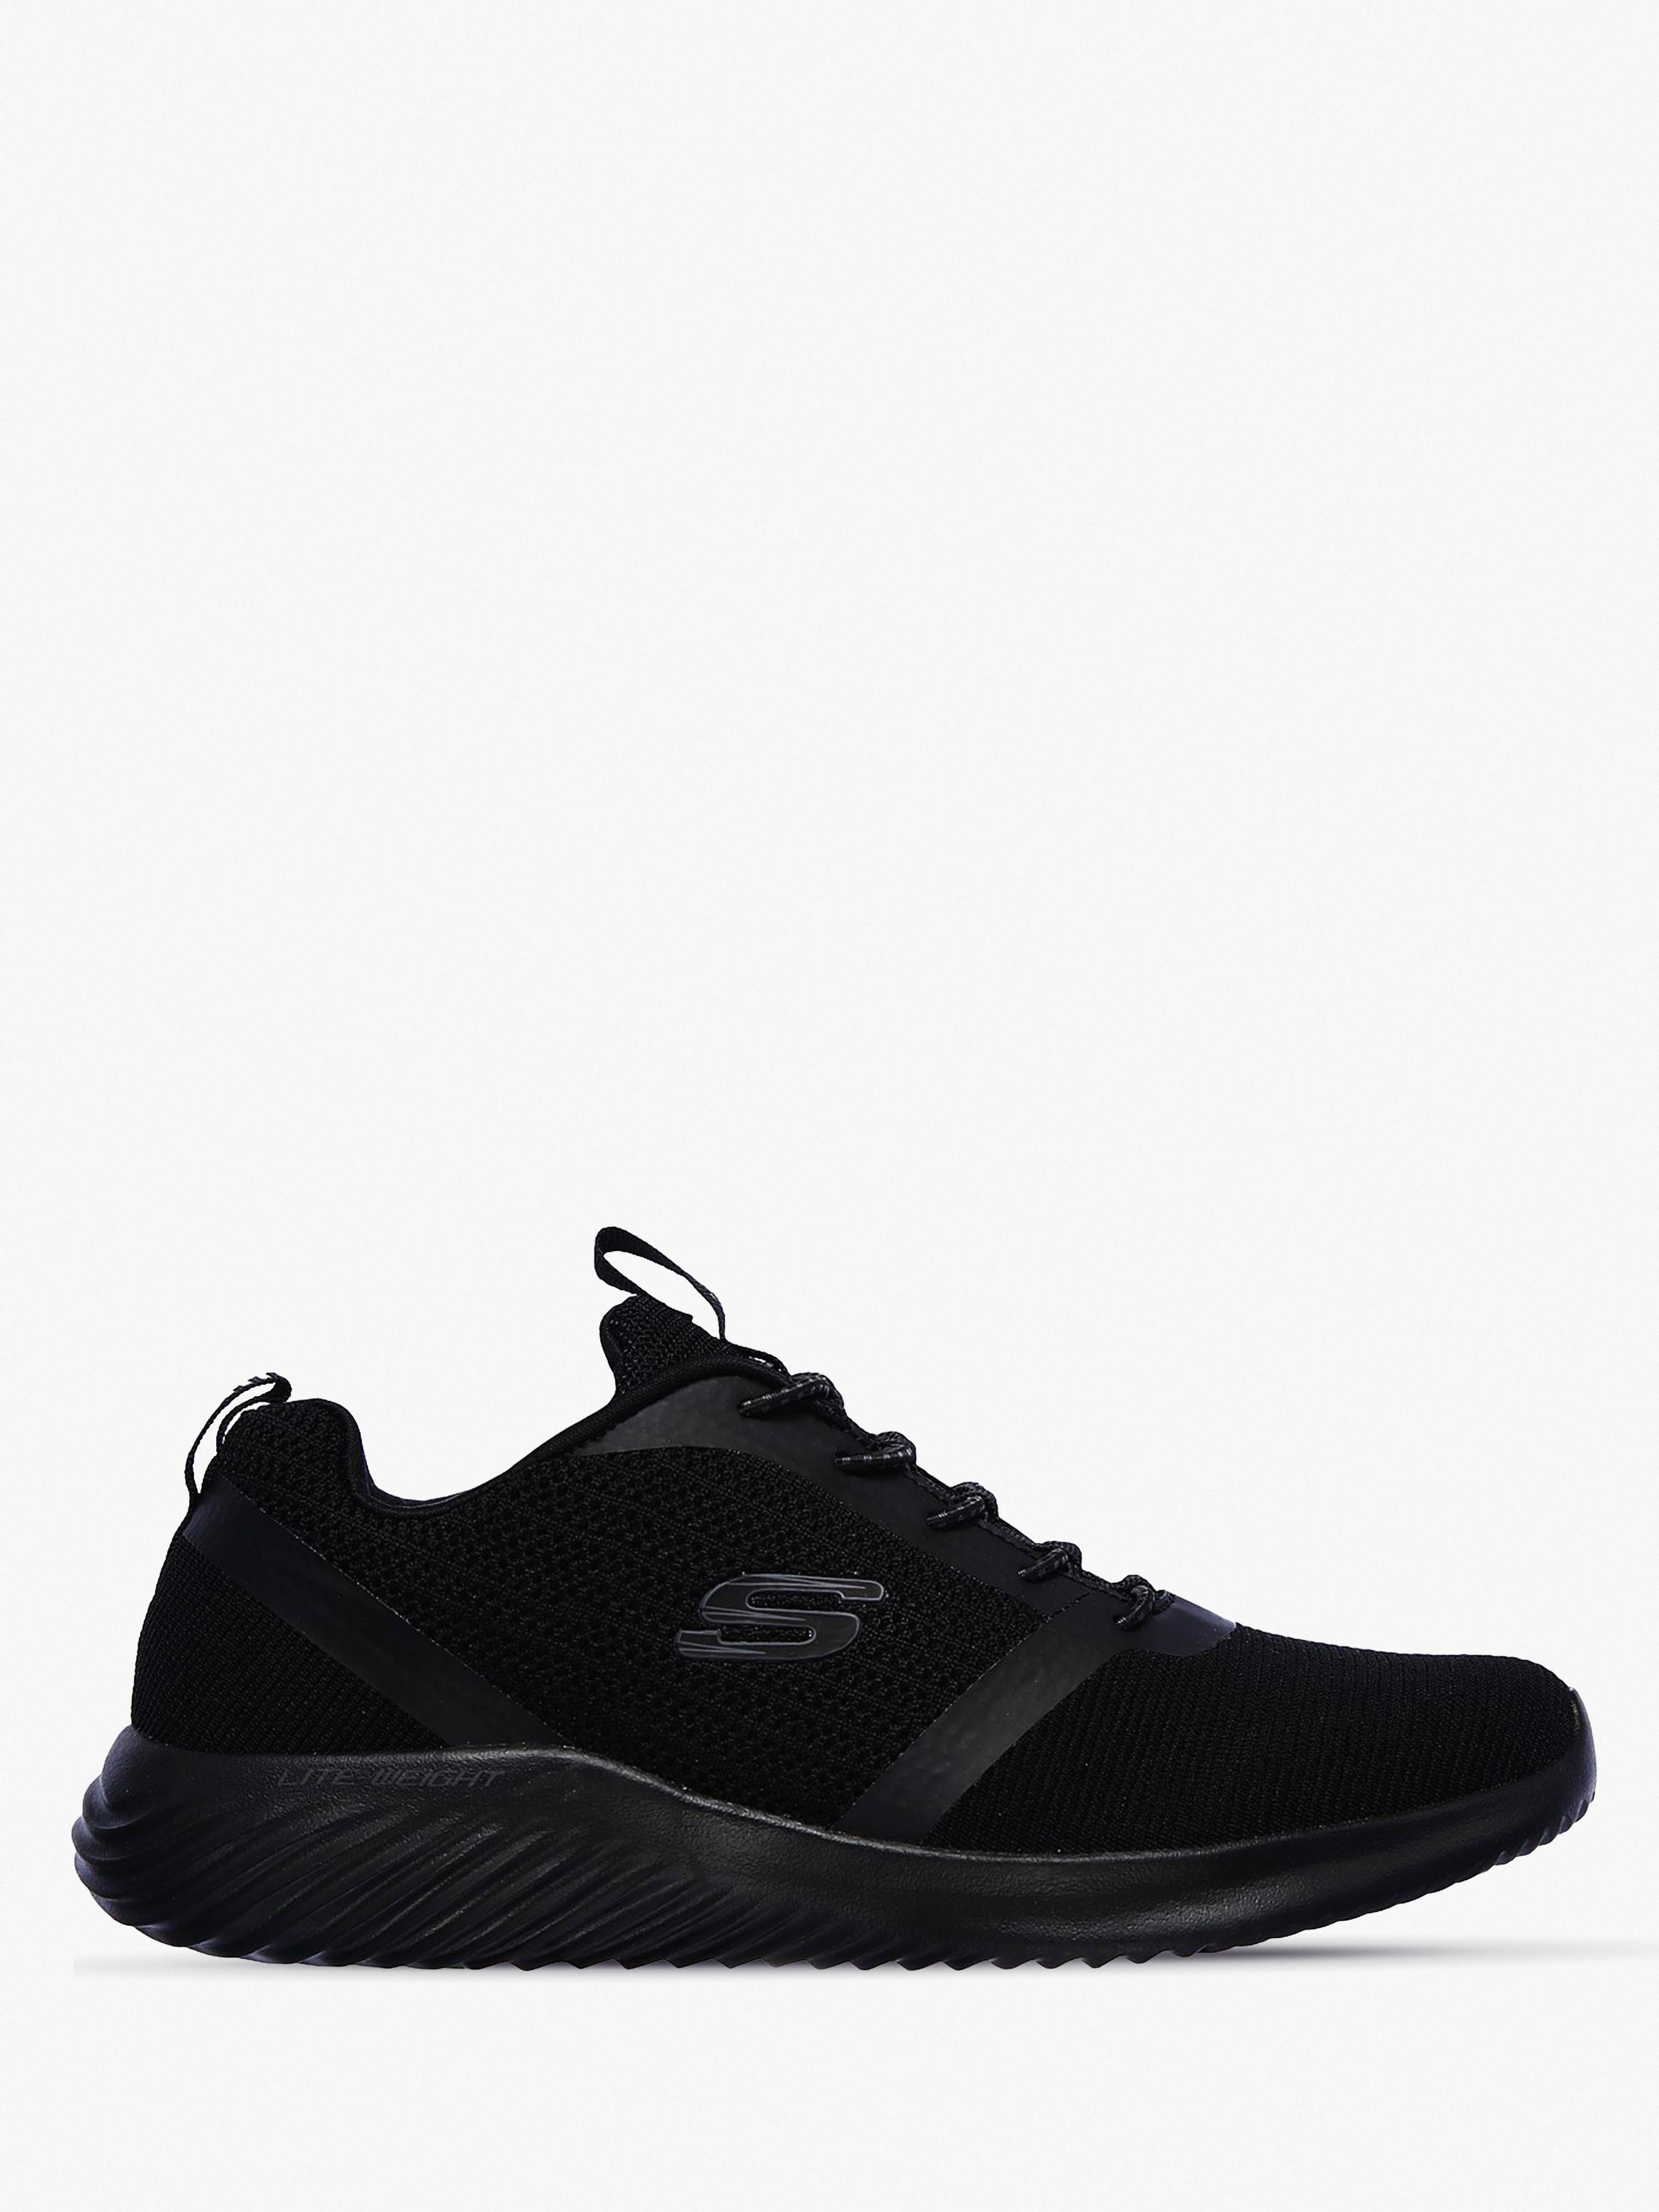 Кроссовки для мужчин Skechers KM3229 продажа, 2017